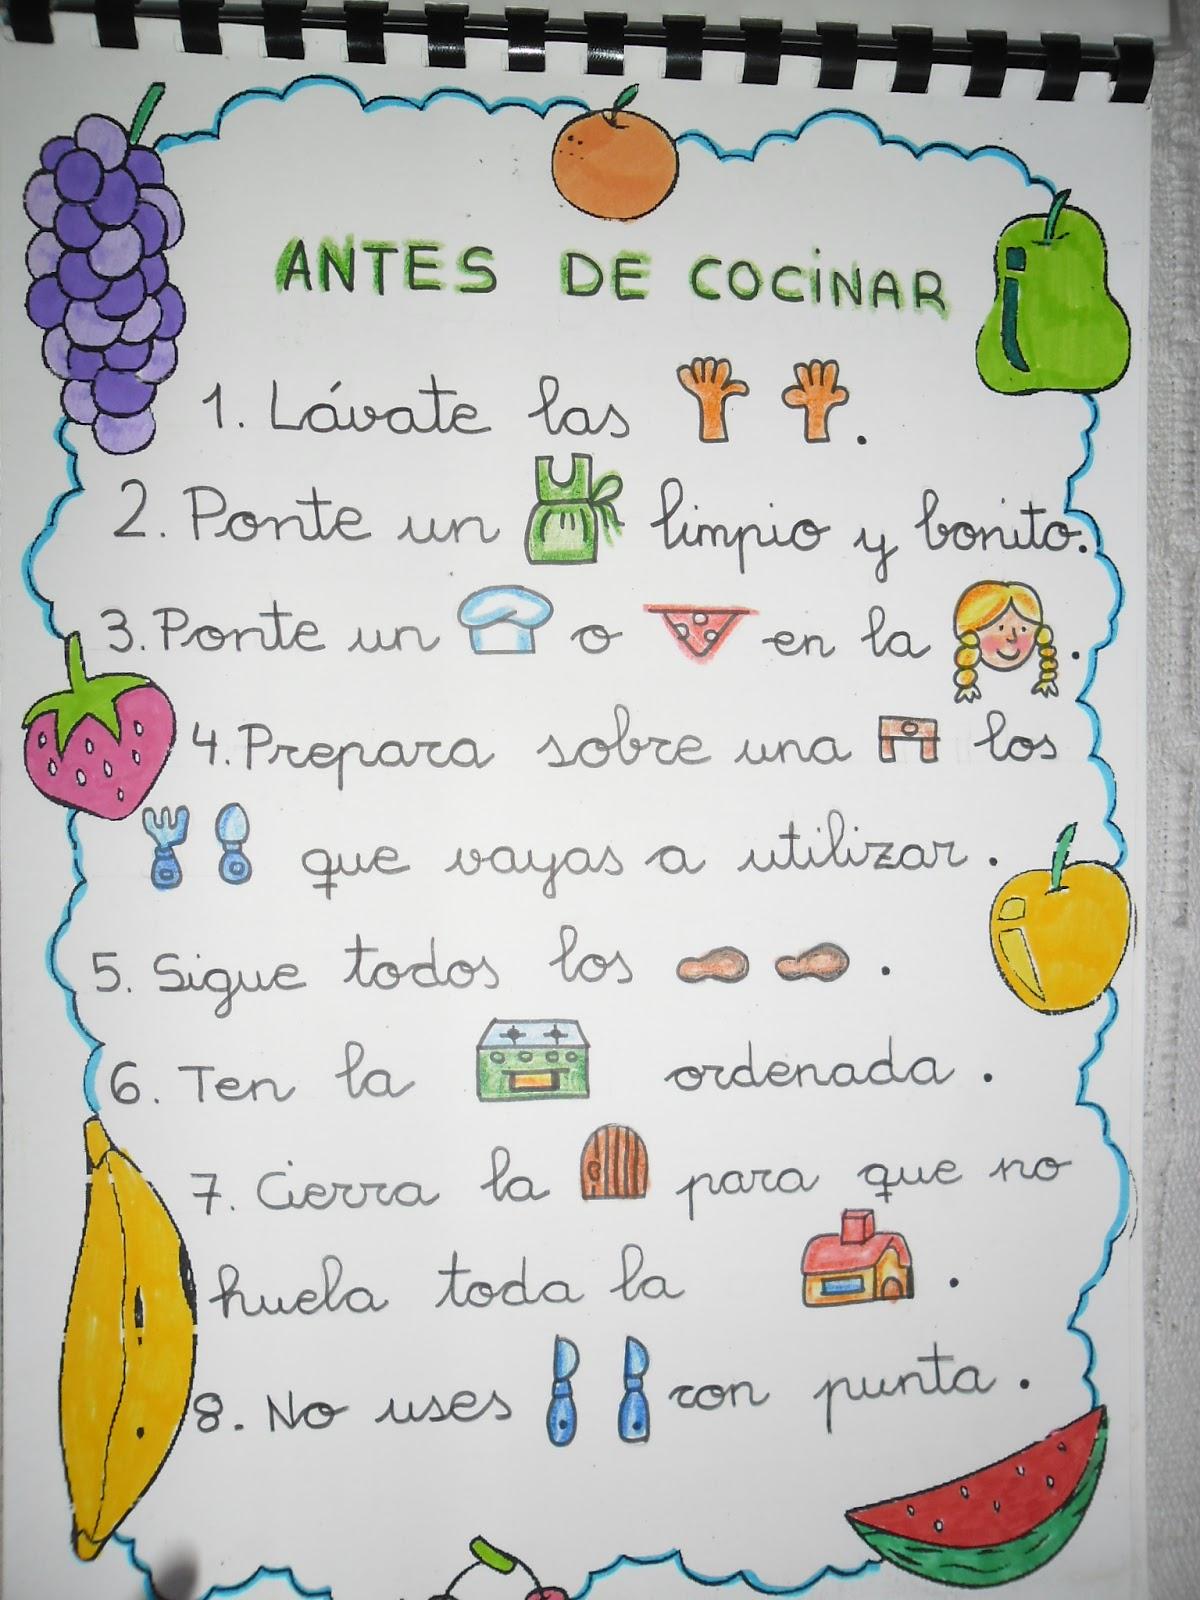 Recursos de educaci n infantil libro de recetas for Proyecto de comedor infantil